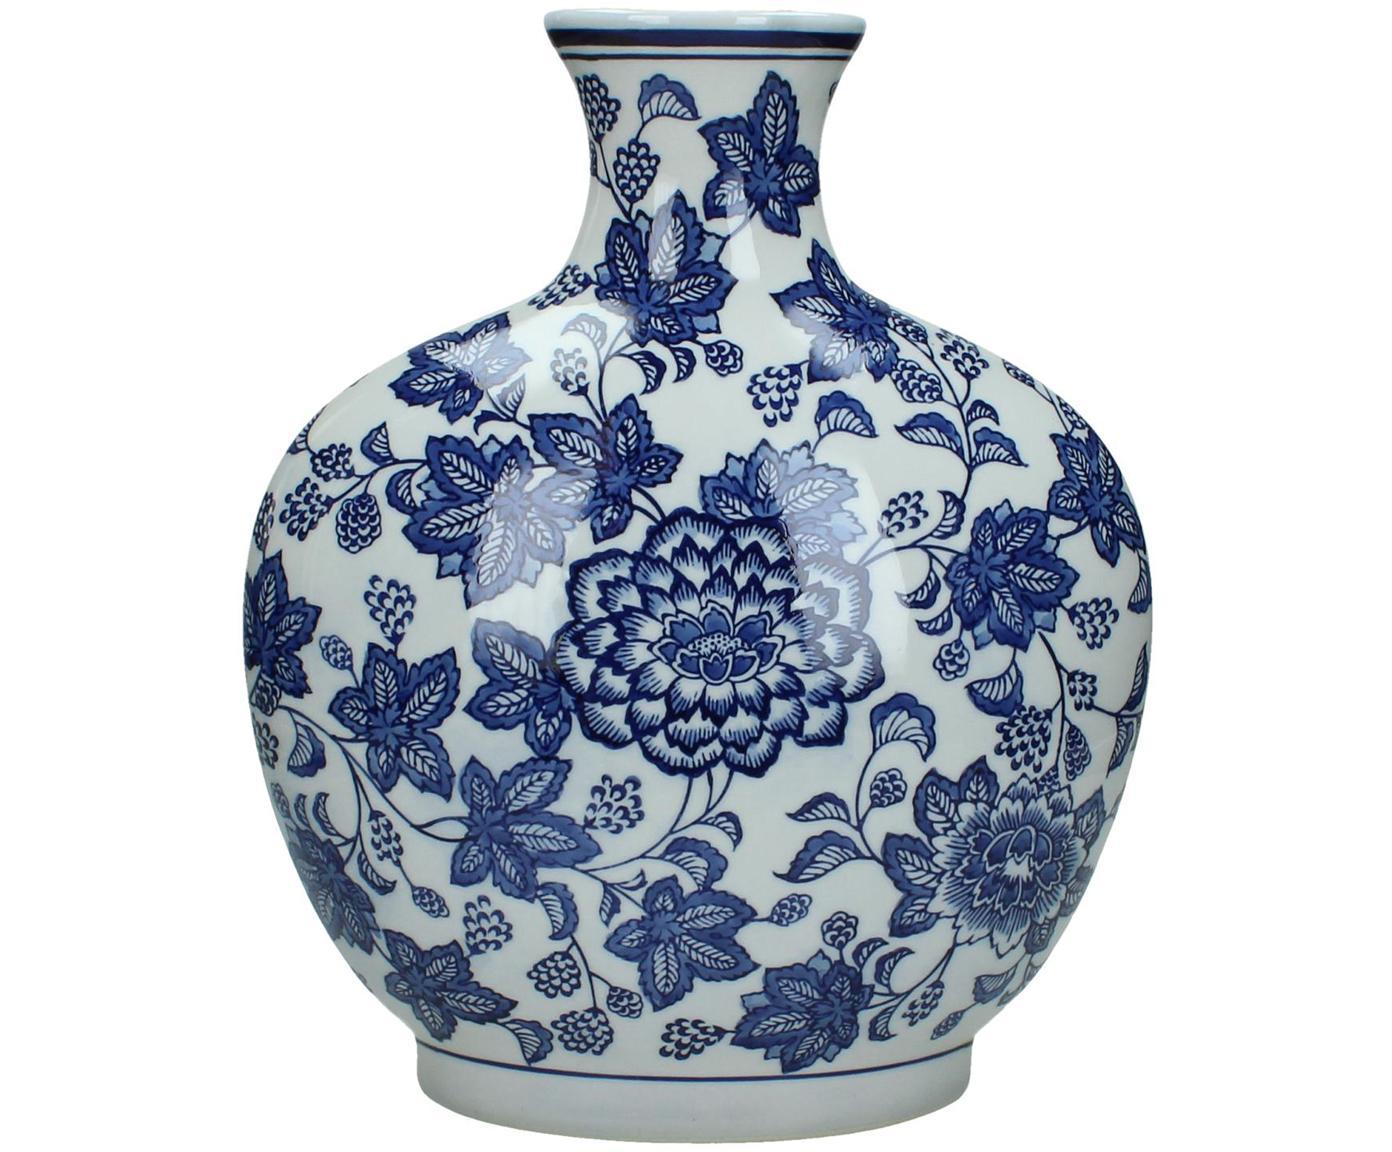 Keramische vaas Blue Flowers, Keramiek, Gebroken wit, blauw, 26 x 32 cm